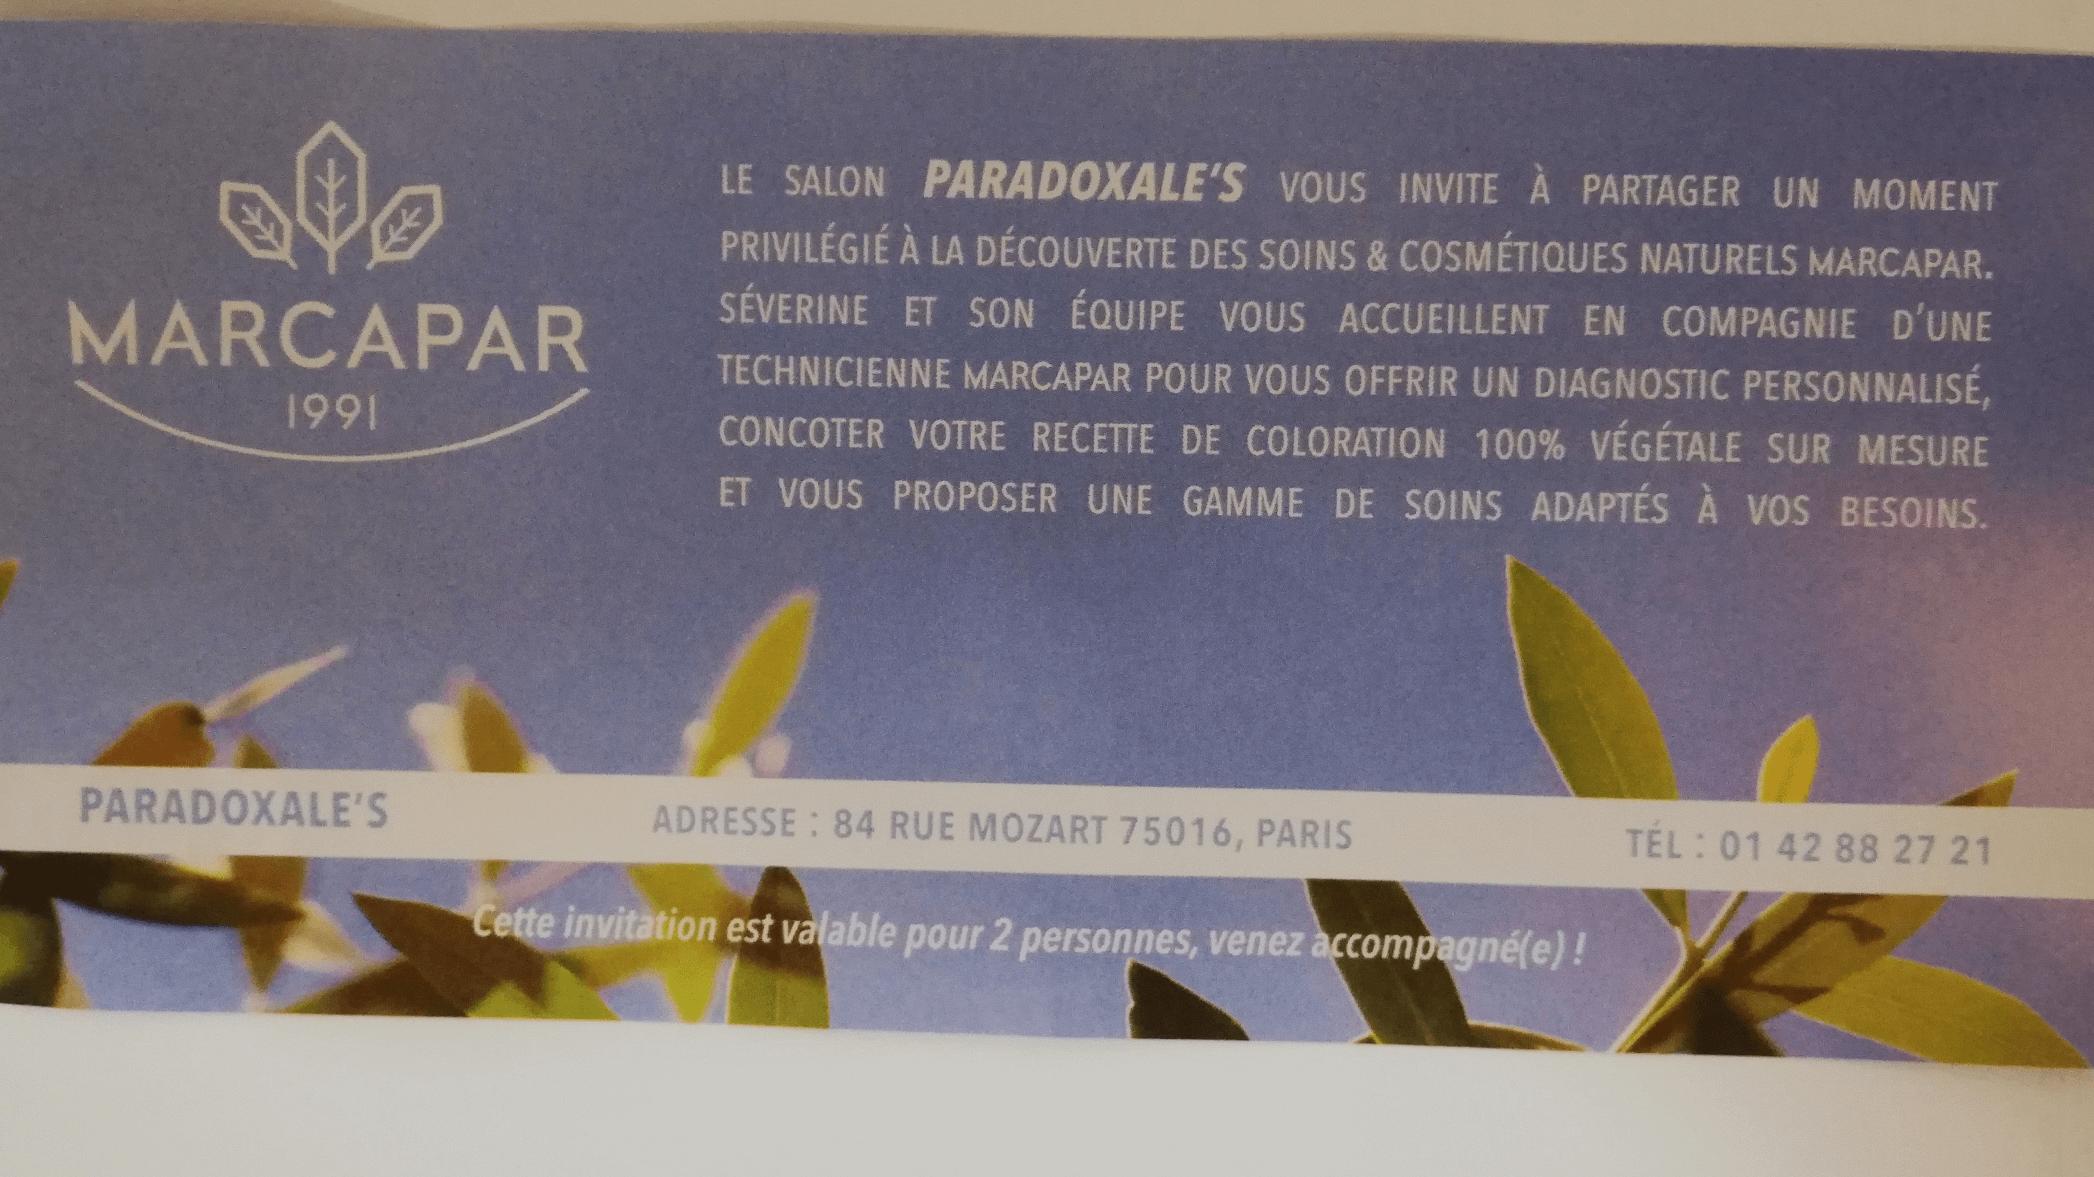 Paradoxale's